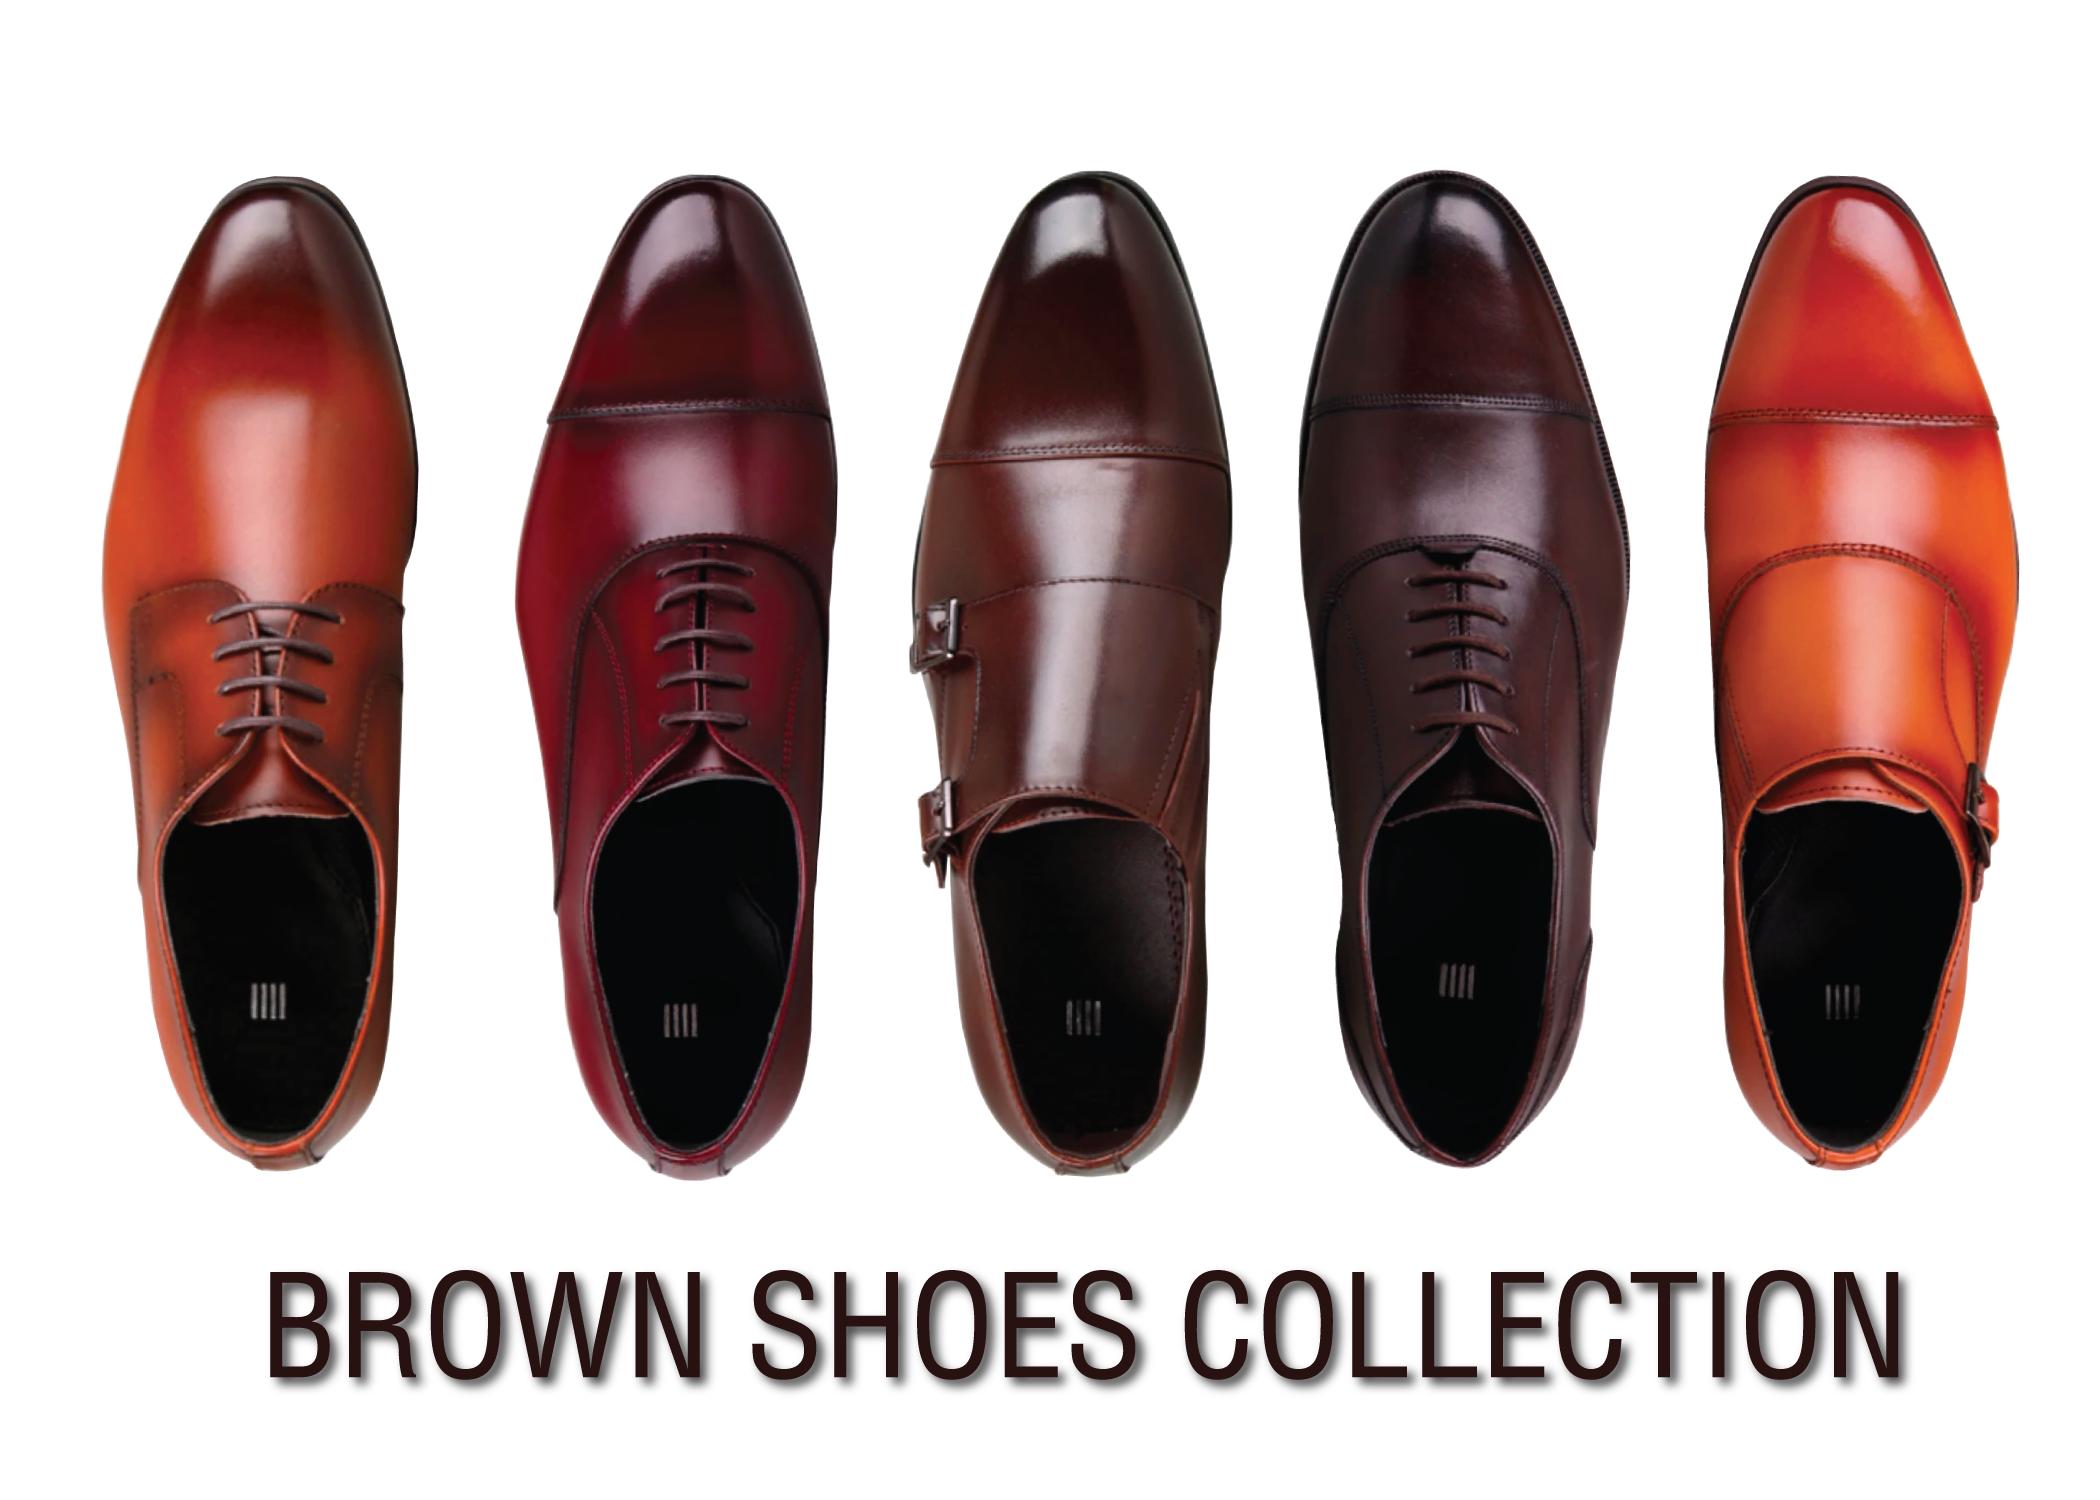 Brown Shoes Collection ทำความรู้จักกับรองเท้าสีน้ำตาลรุ่นต่างๆของ SUIT SELECT